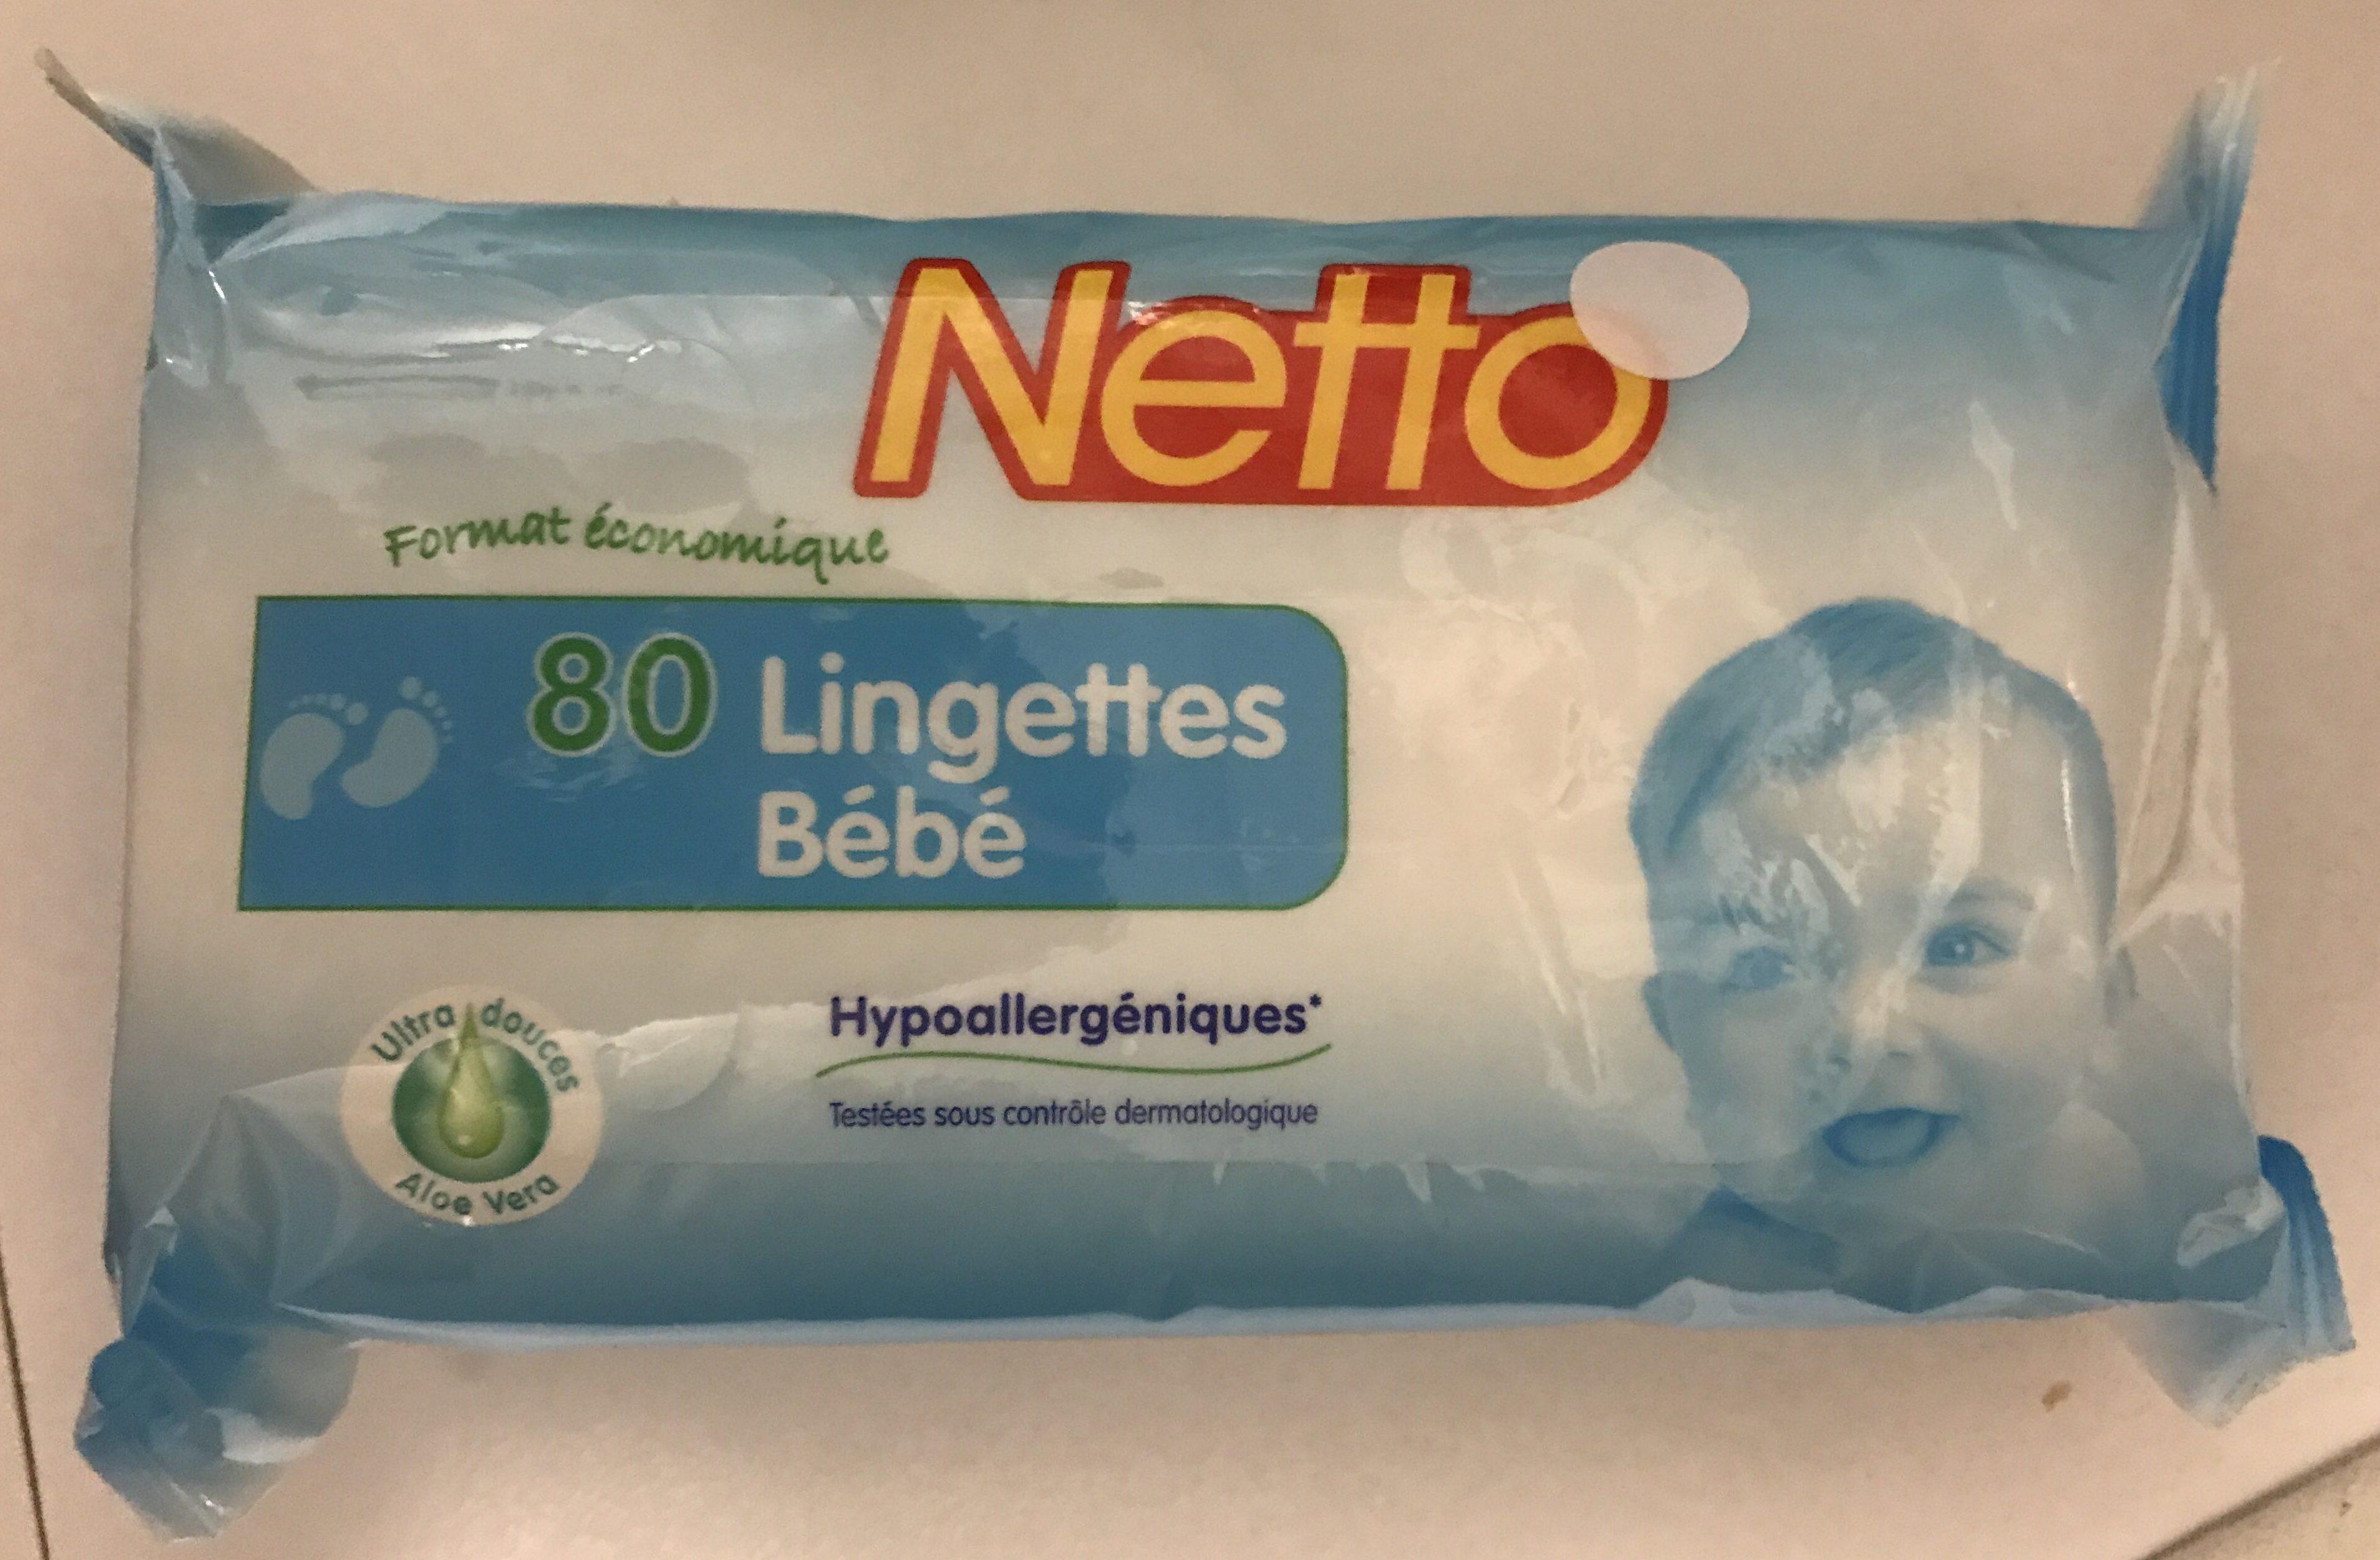 80 Lingettes bébé - Product